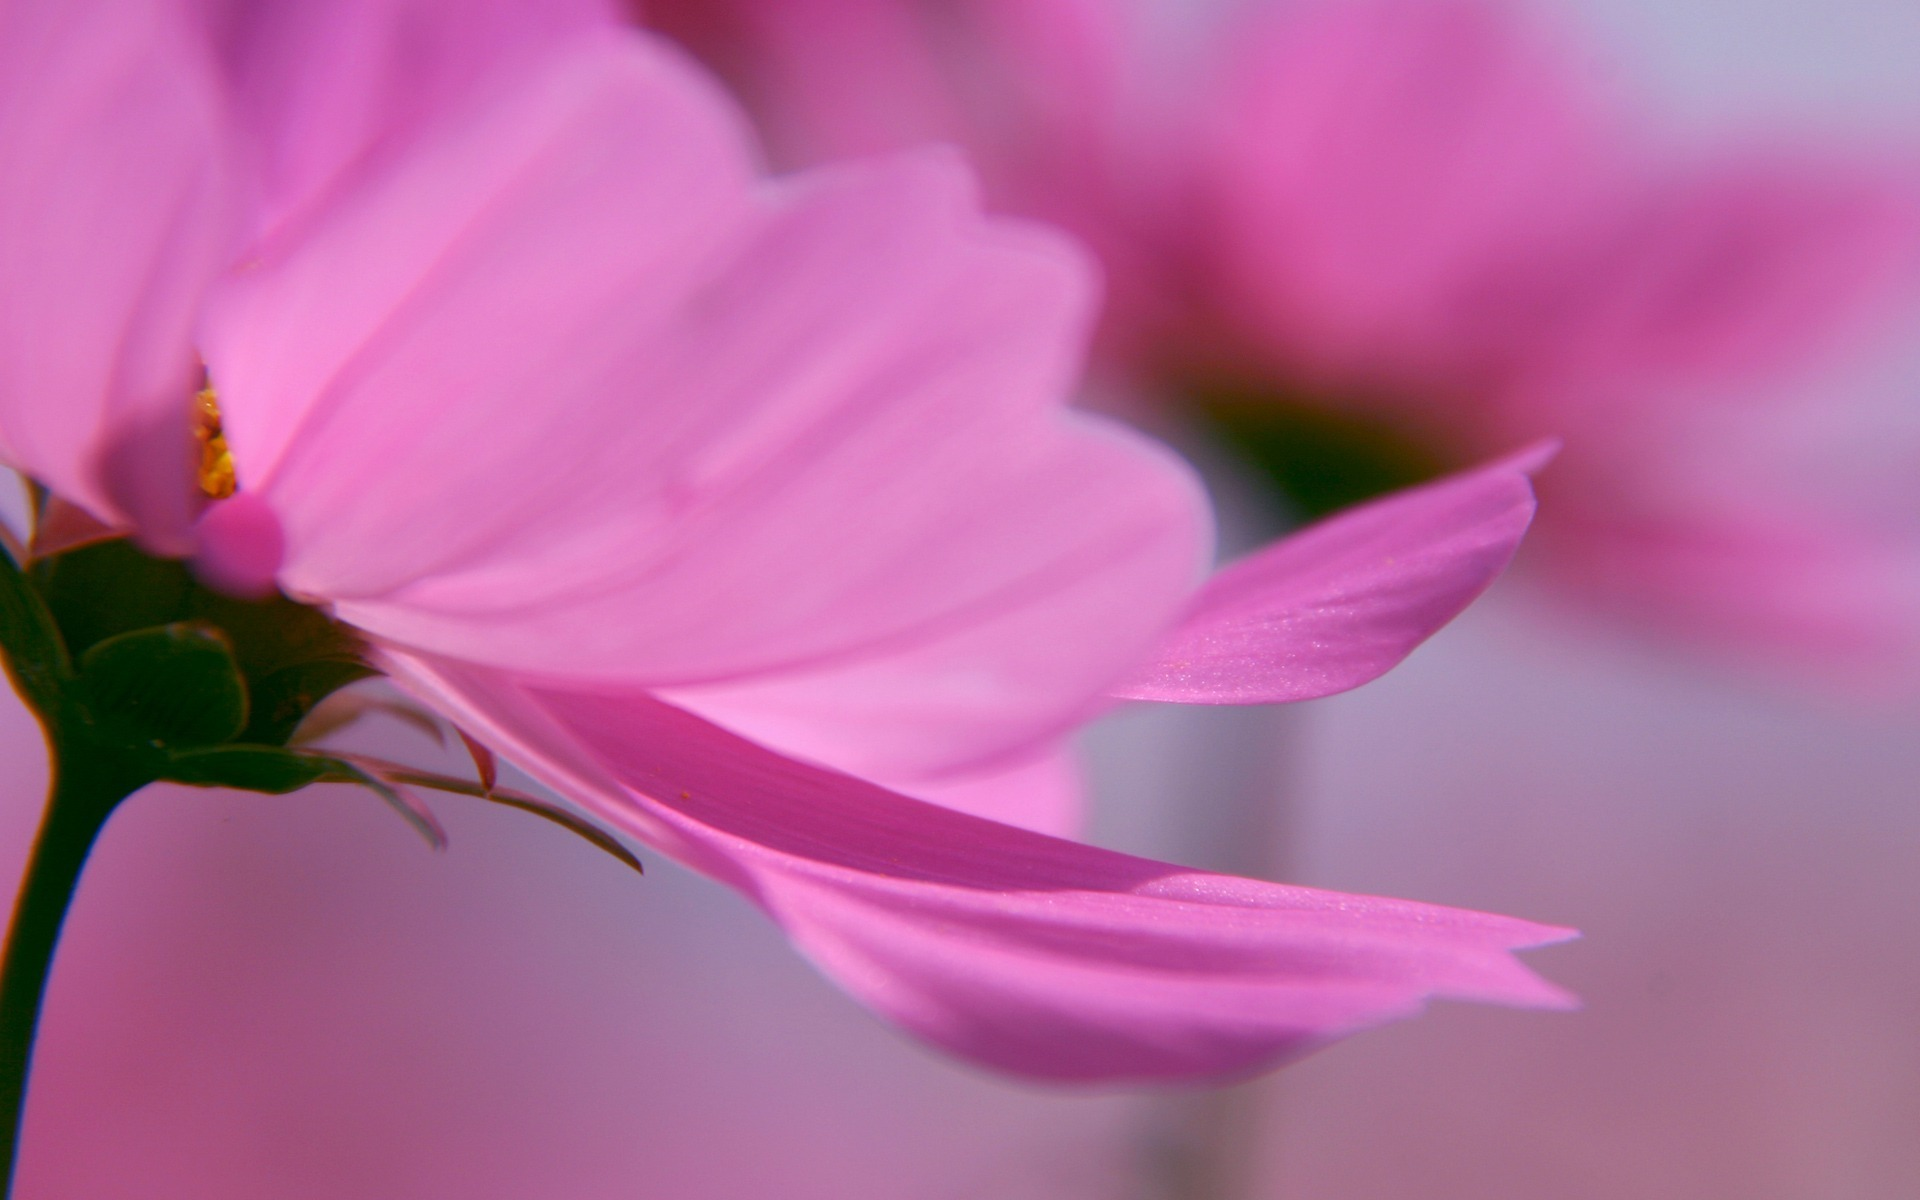 цветы розовые flowers pink бесплатно